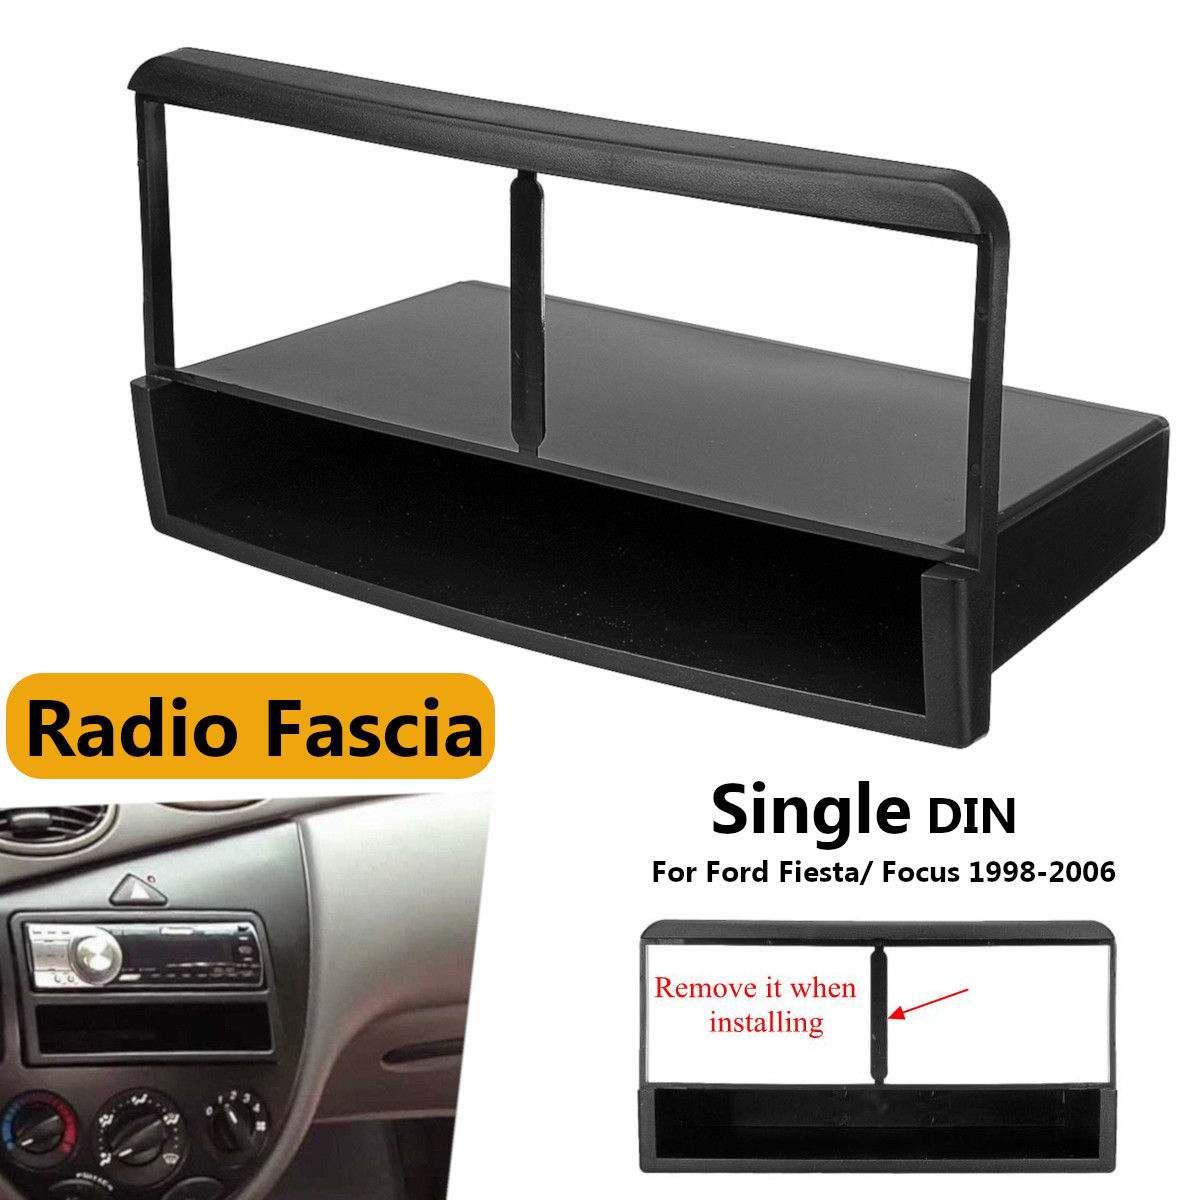 1 Din Auto Stereo Radio DVD Fascia Panel Platte Rahmen Panel Audio Dash Mount Kit Adapter für Ford Für Fiesta für Fokus 1998-2006